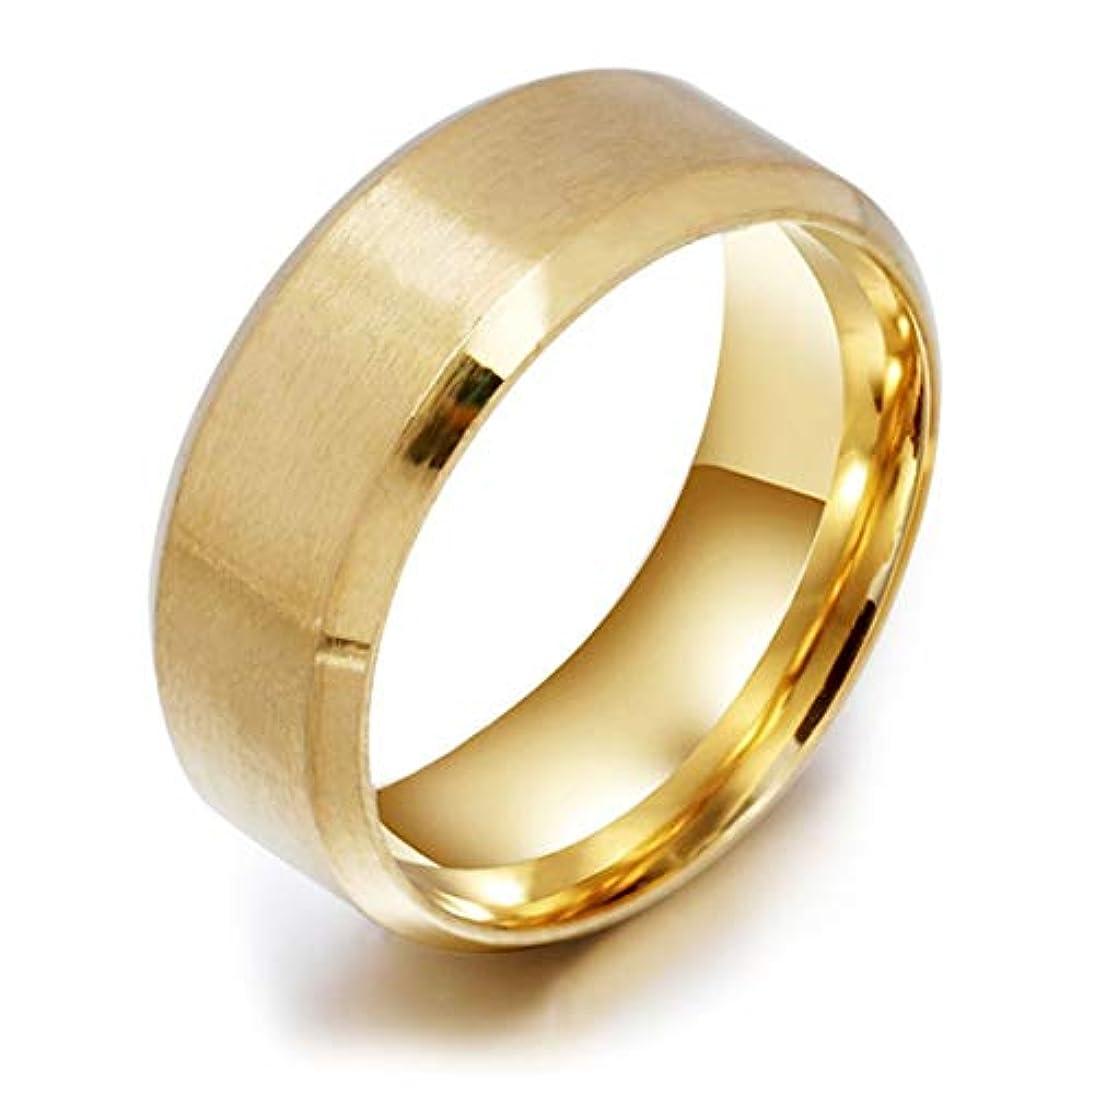 加入ペインギリック誓いステンレス鋼の医療指リング磁気減量リング男性の女性のリングのための高いポーランドのファッションジュエリー (Panda) (色:シルバー)